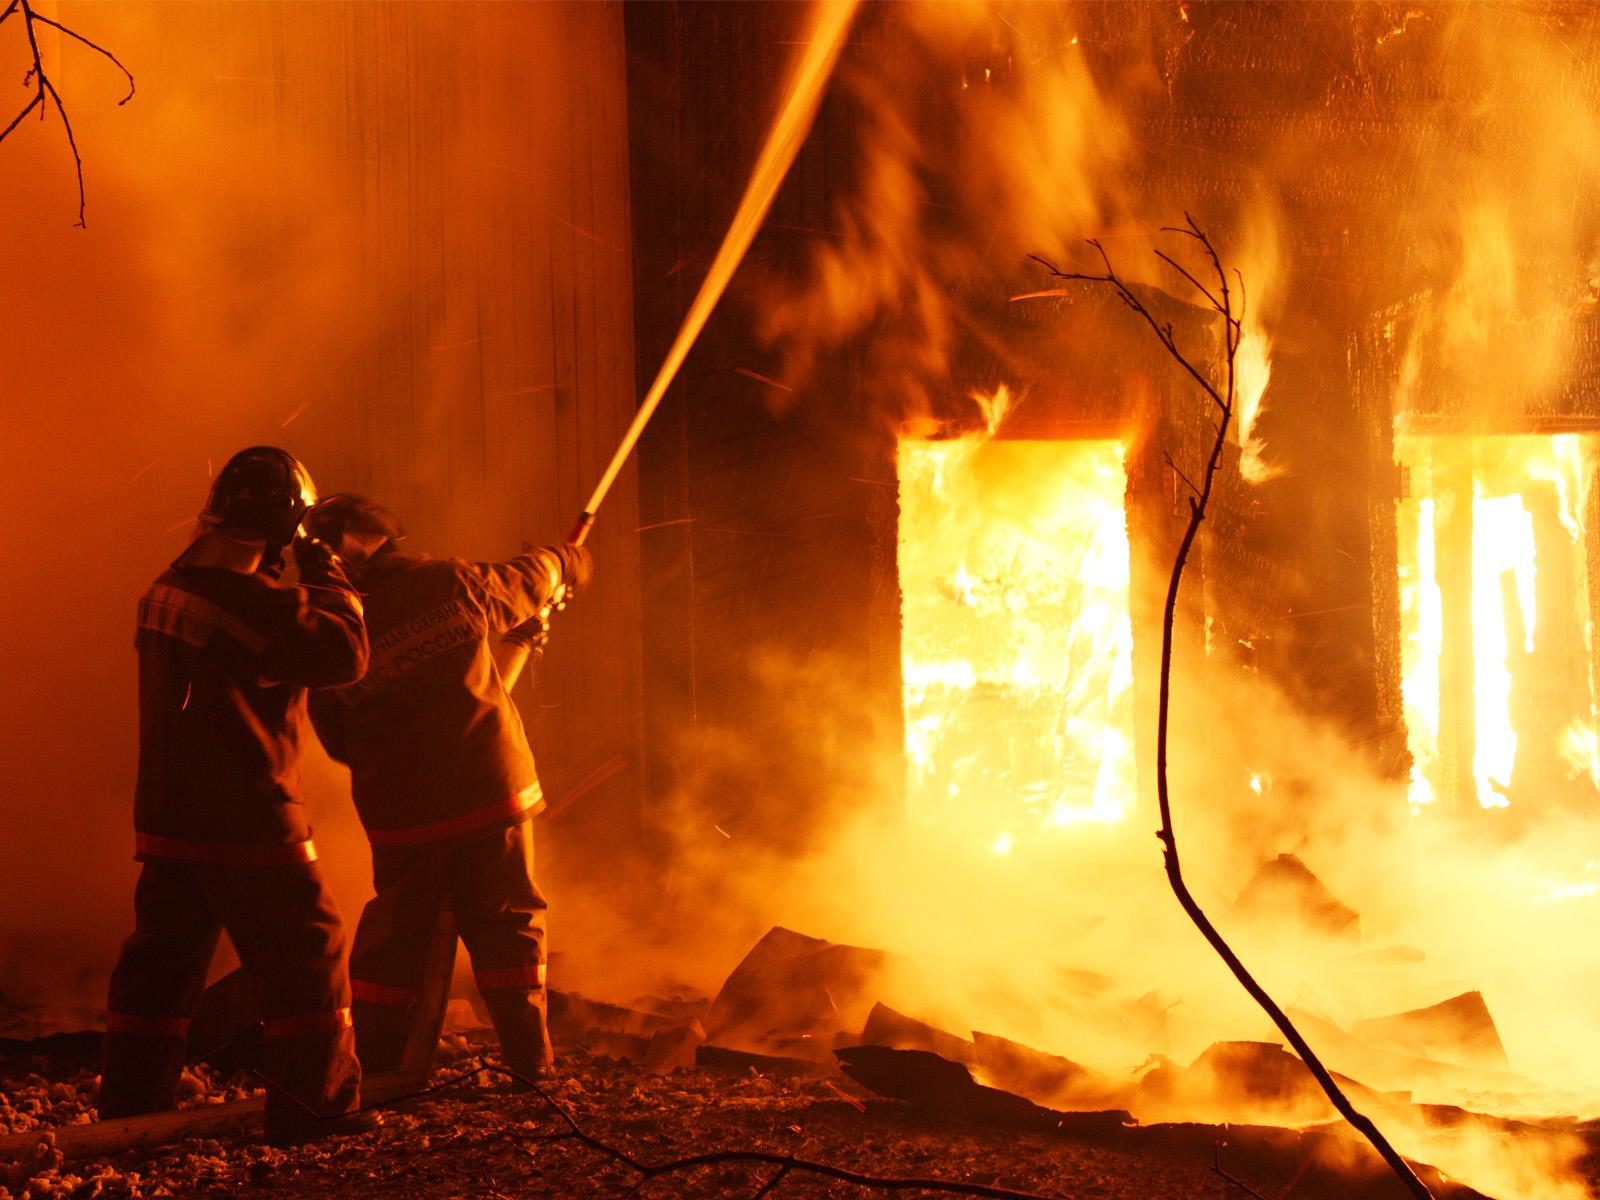 В Донецке при пожаре в квартире пострадала 13-летняя девочка - соцсети шокированы причиной трагедии